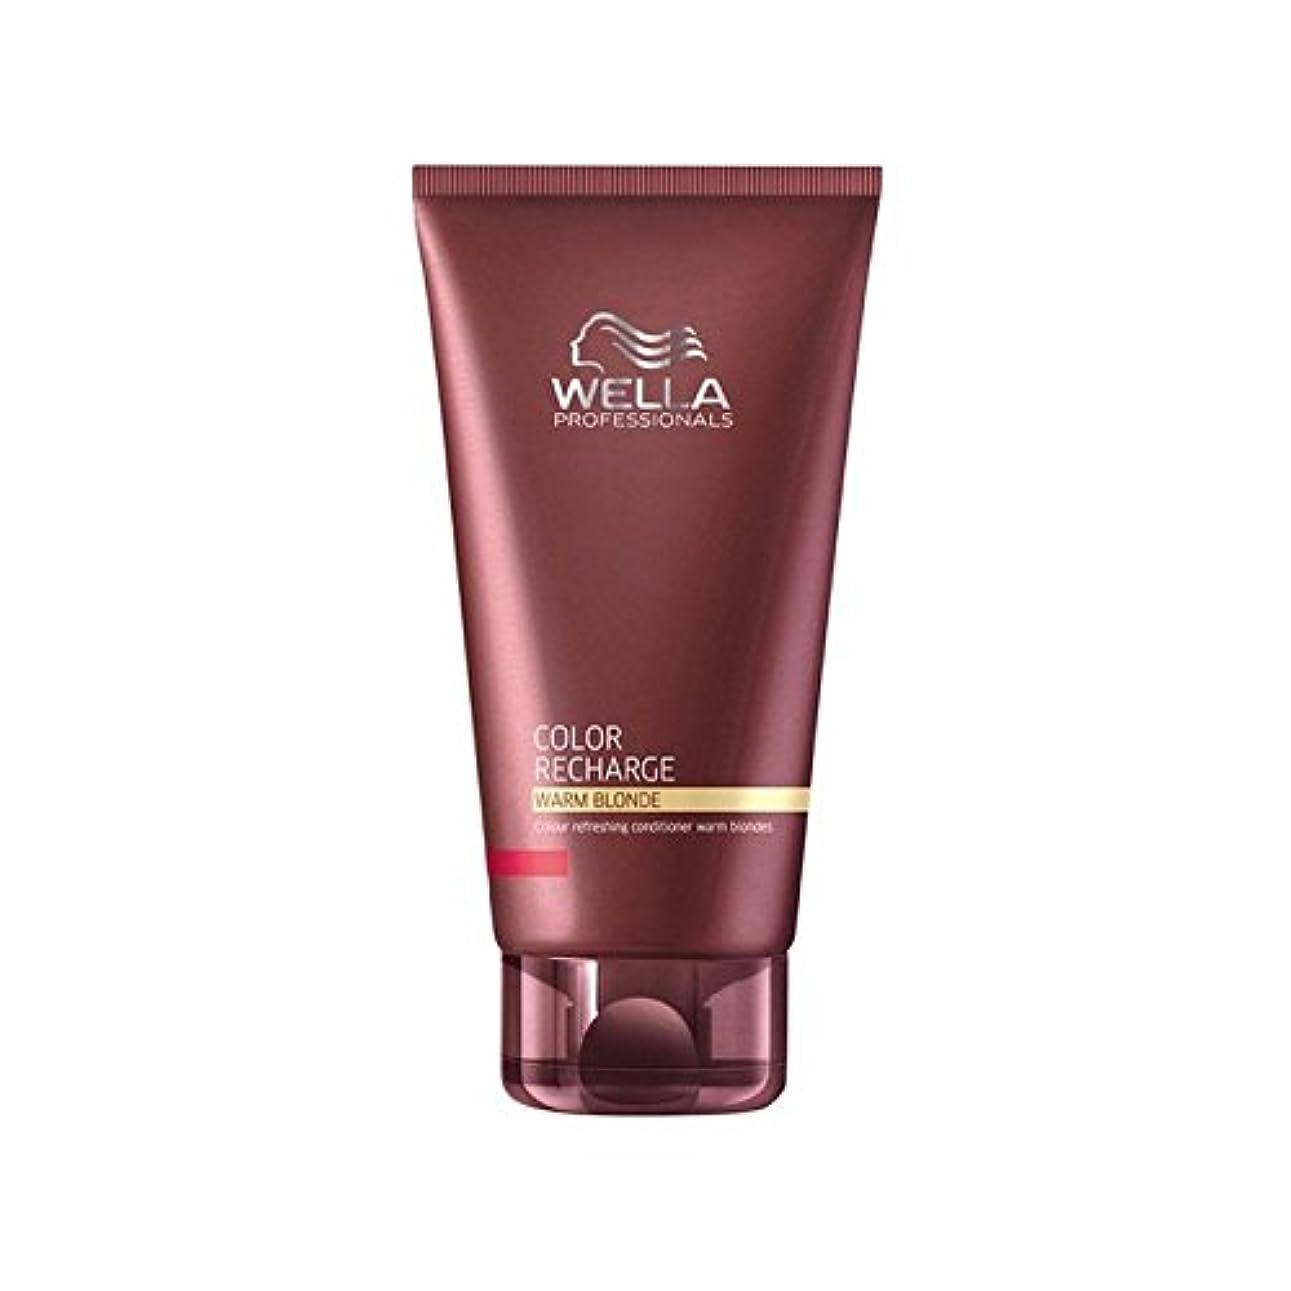 爆弾タンカーエロチックウエラ専門家のカラー再充電コンディショナー暖かいブロンド(200ミリリットル) x2 - Wella Professionals Color Recharge Conditioner Warm Blonde (200ml...